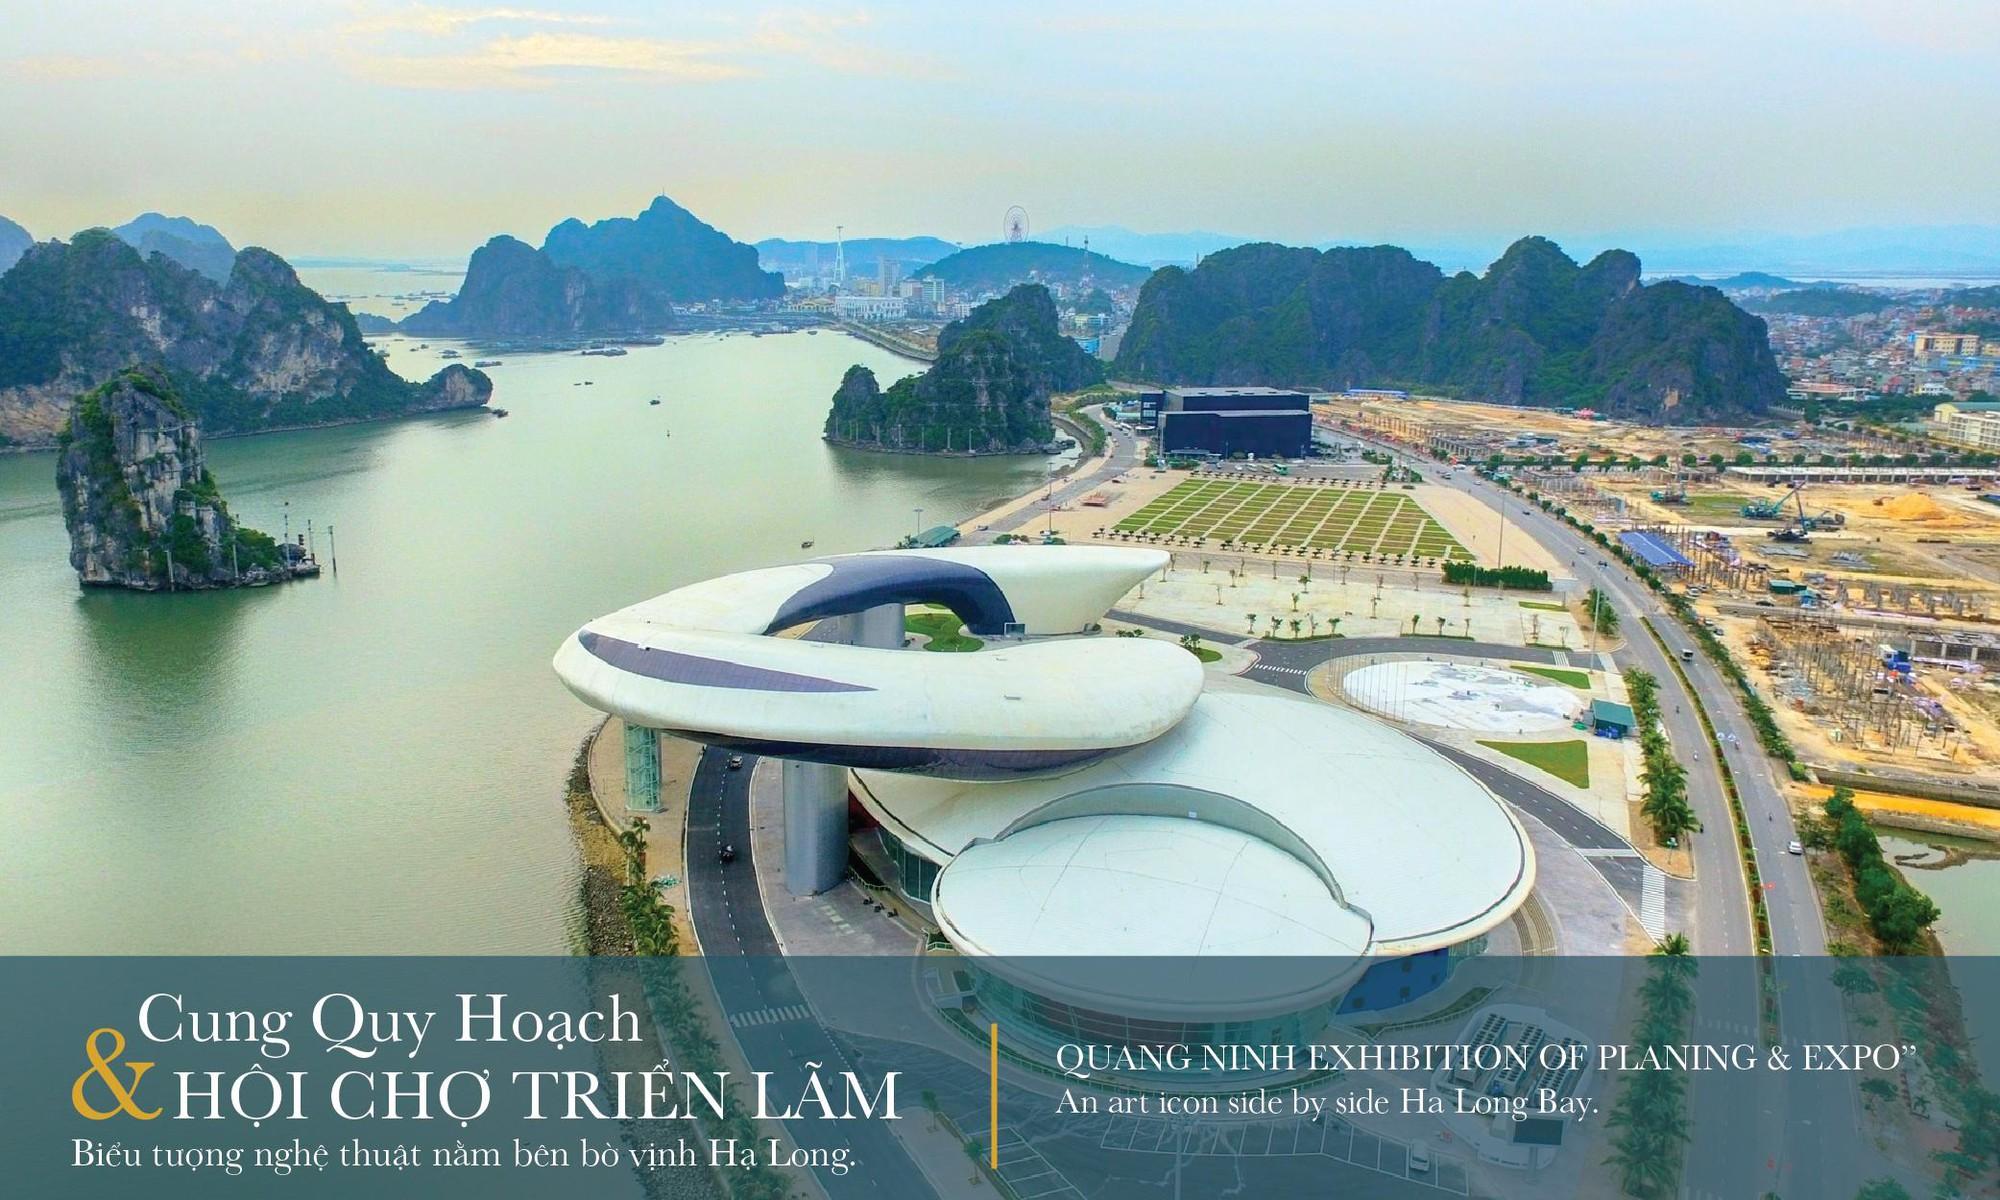 Về Quảng Ninh xem xiếc: Hiểu chính mình, thấu hiểu thành phố di sản - Ảnh 4.